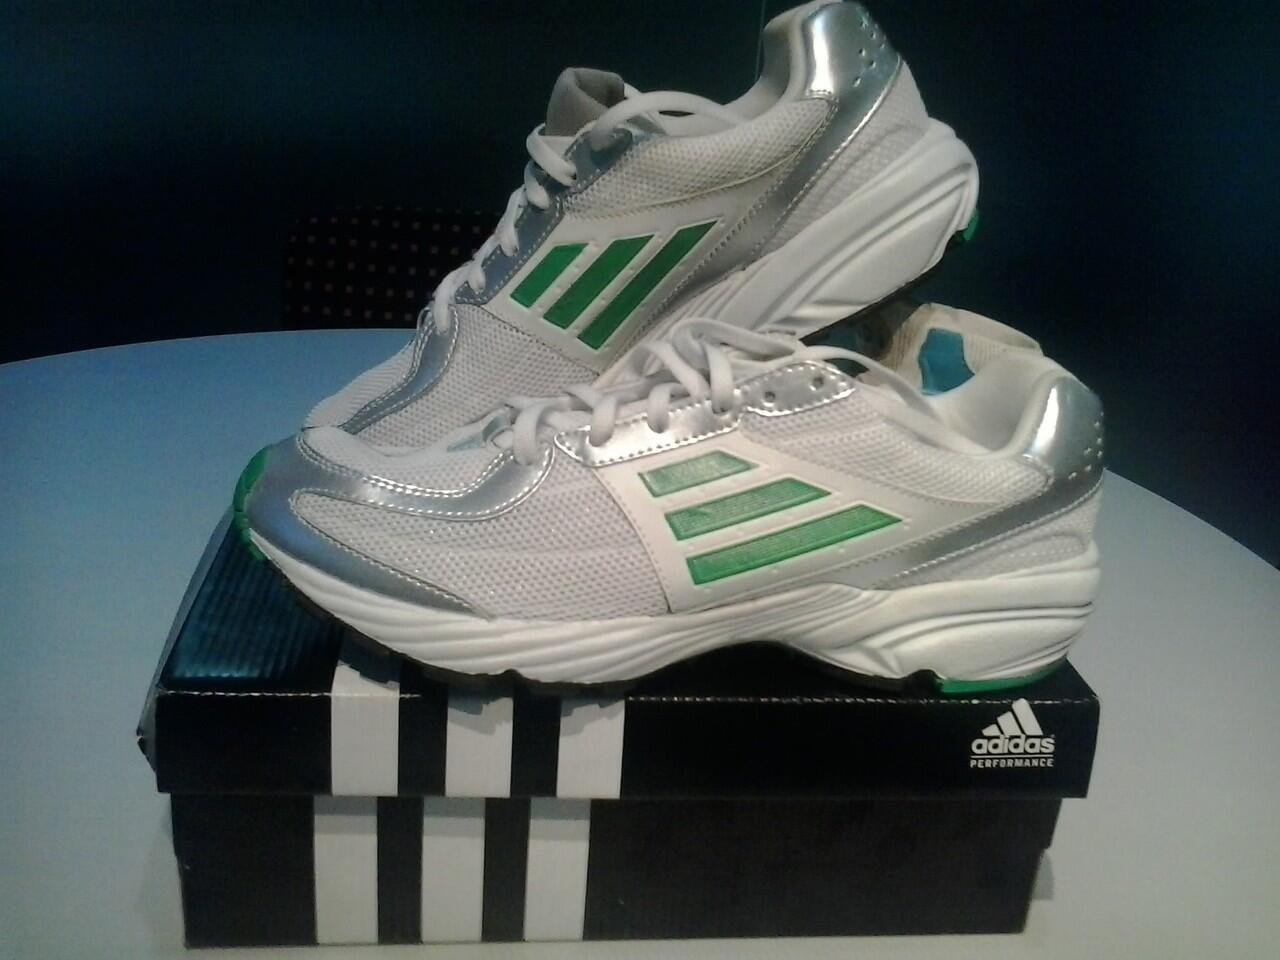 Sepatu ADIDAS ORTHOLITE Baru